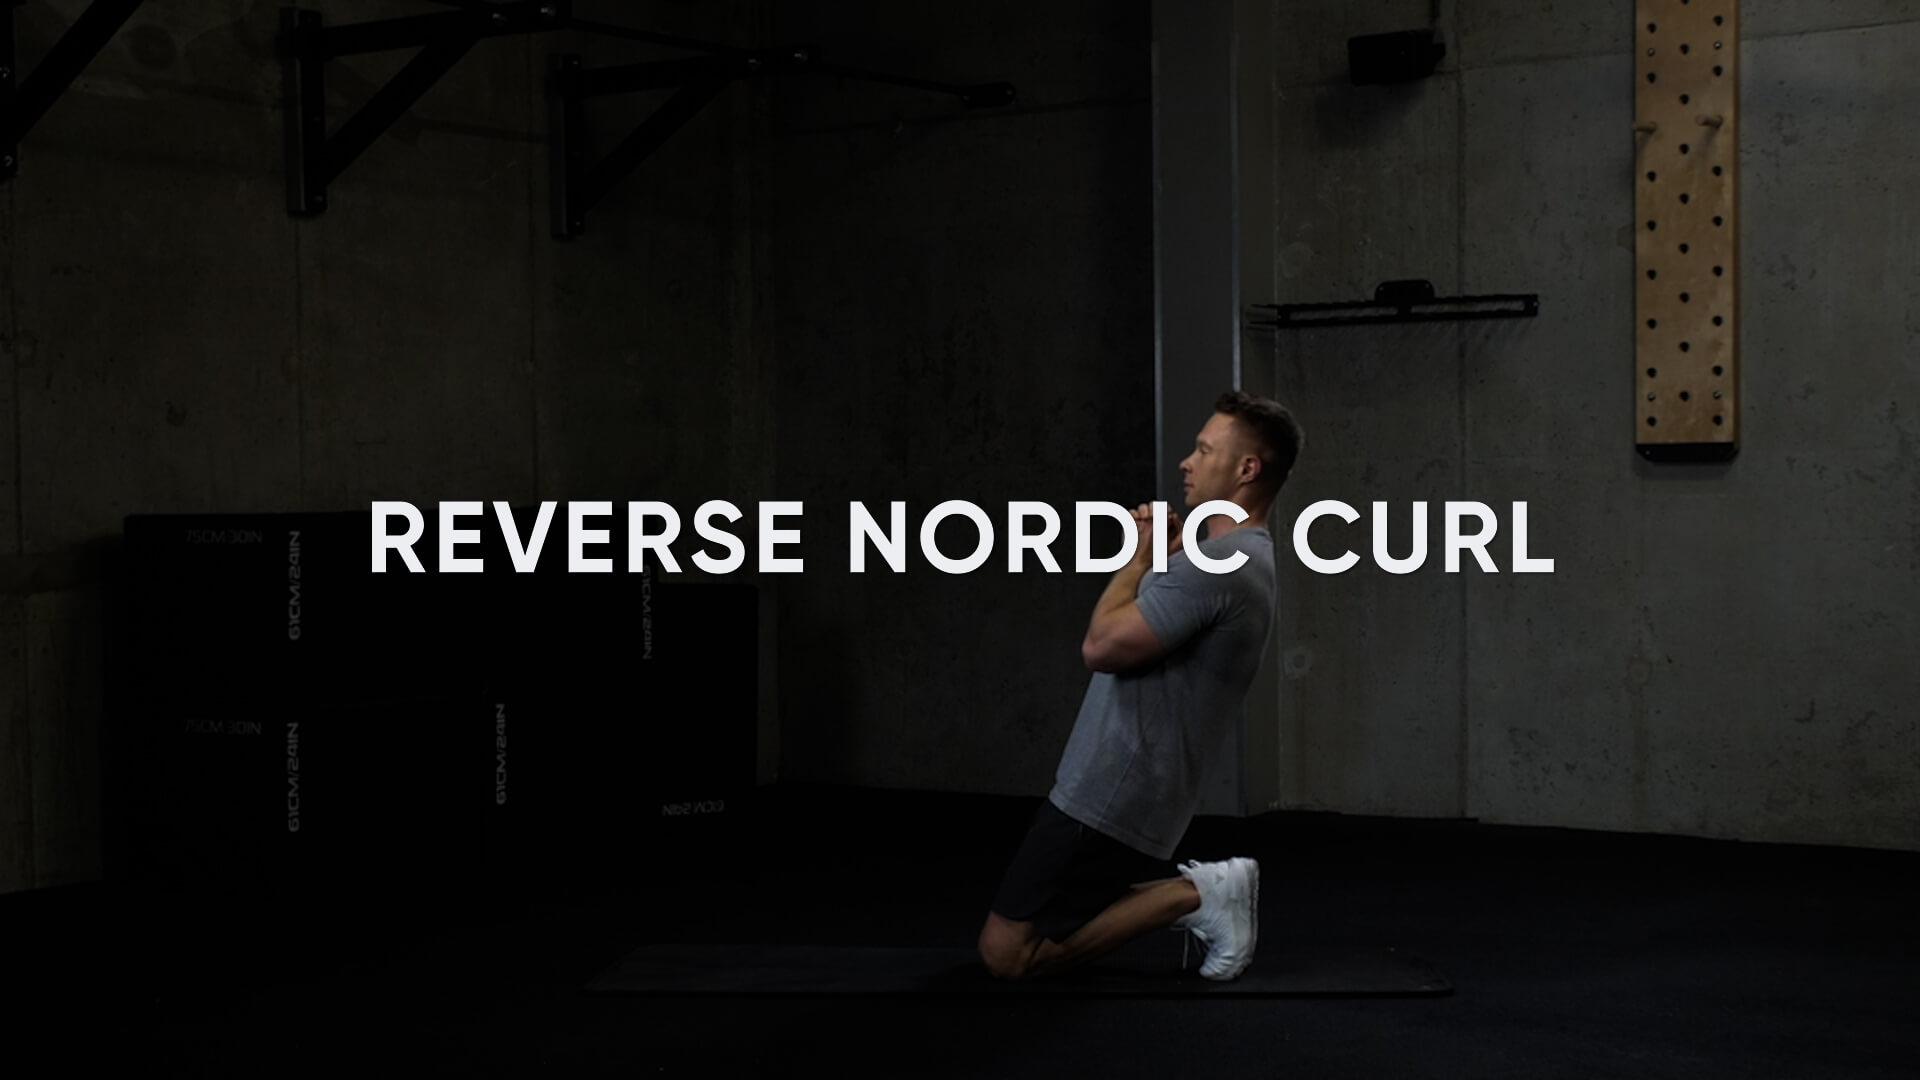 Reverse Nordic Curl